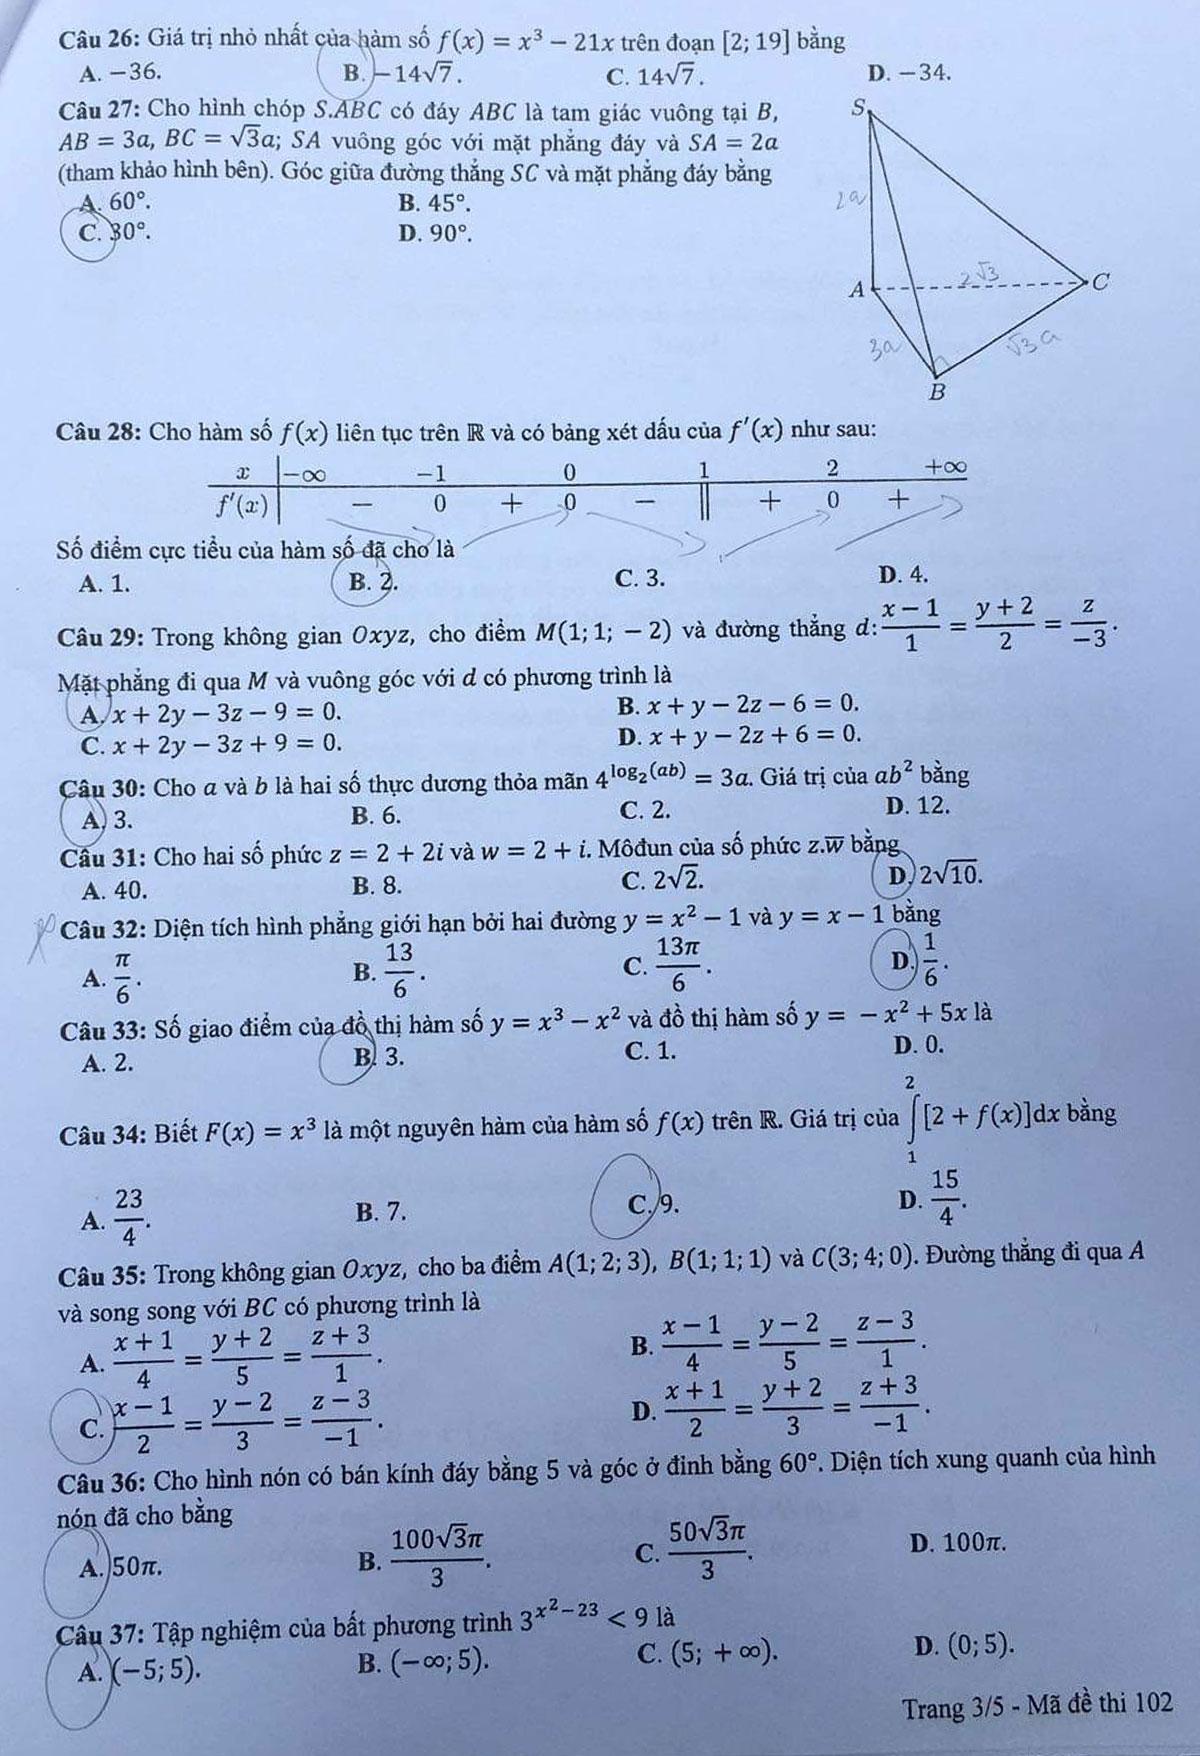 Đề và đáp án Toán thi tốt nghiệp THPT - 4